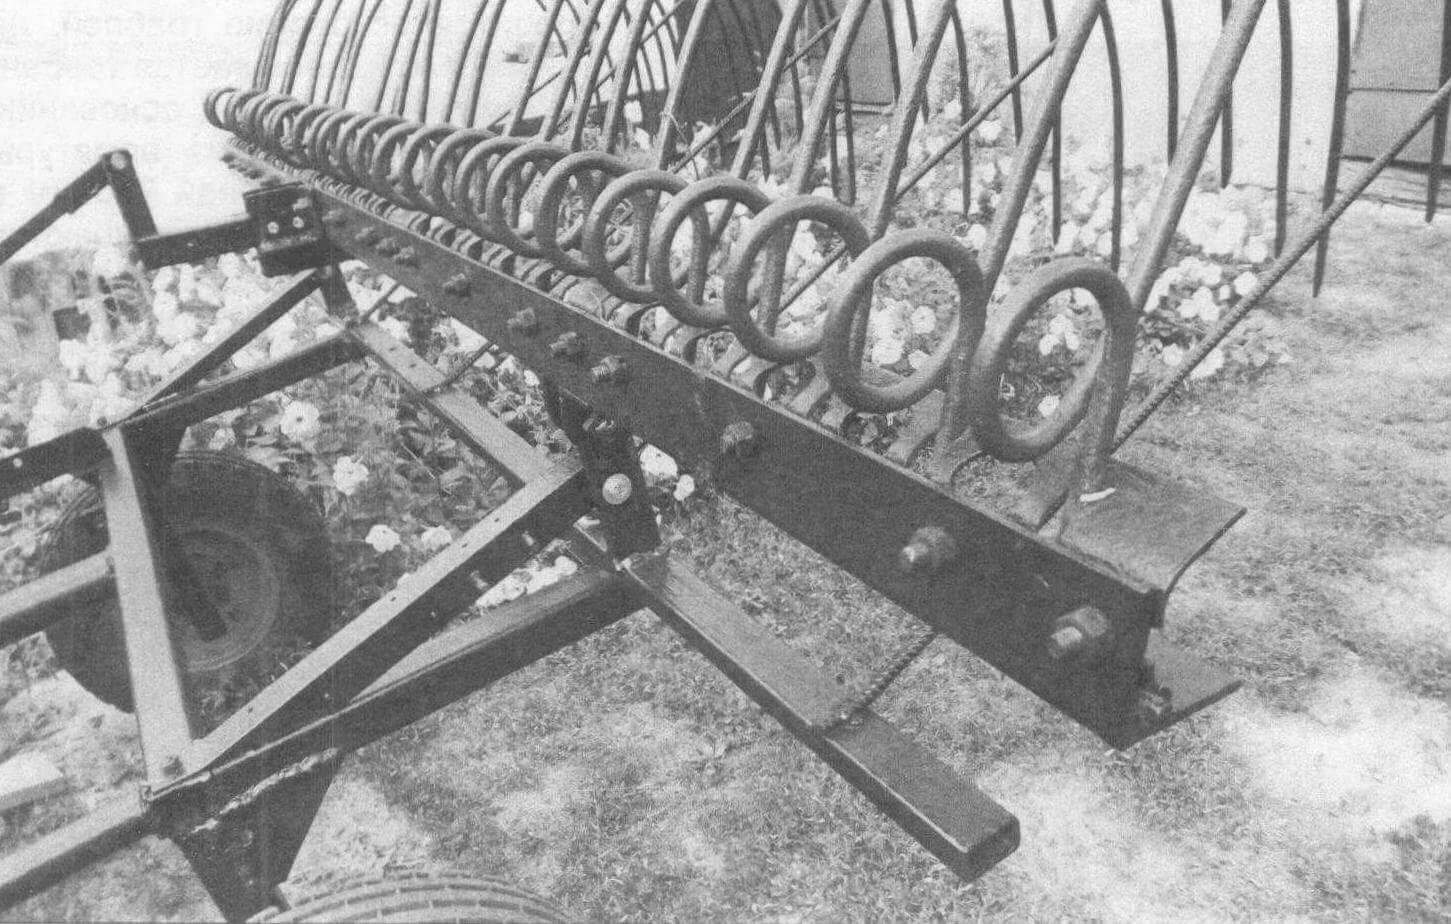 Сзади к основанию граблей приварено пять отбойников из арматуры